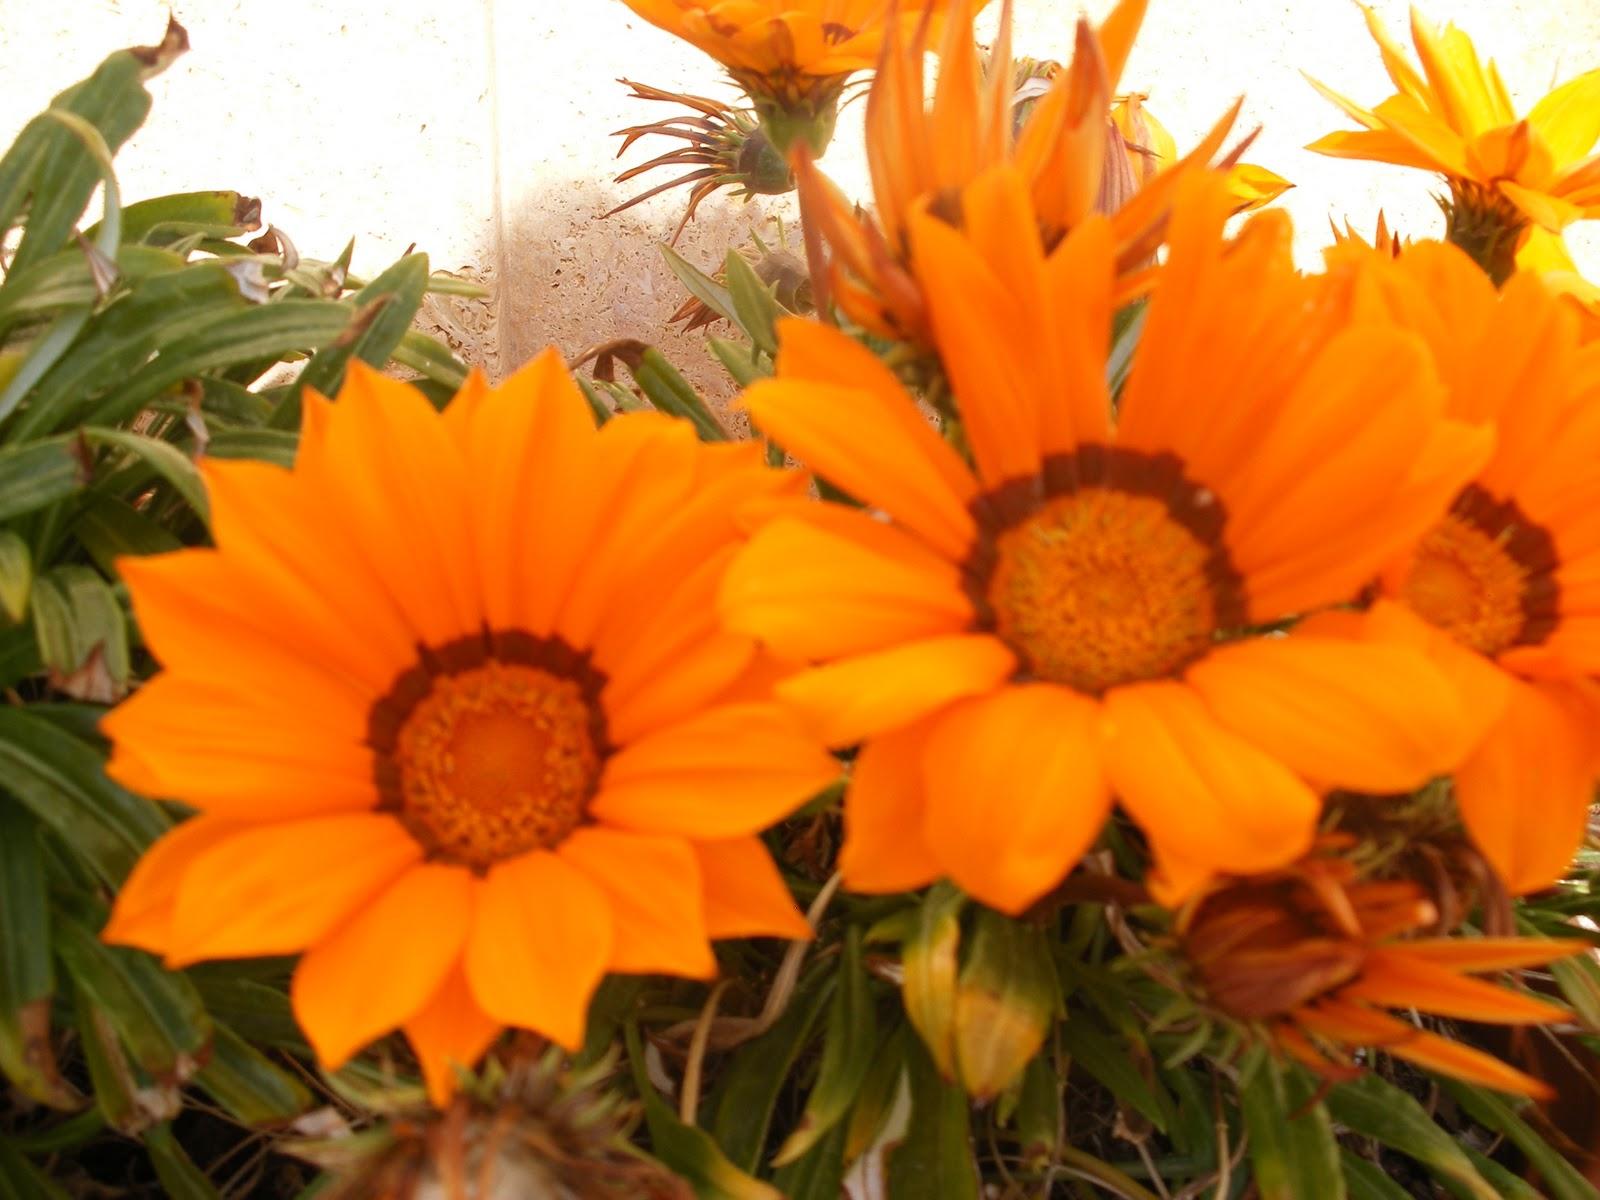 El huerto de ram n flores de plantas ornamentales for Que son plantas ornamentales